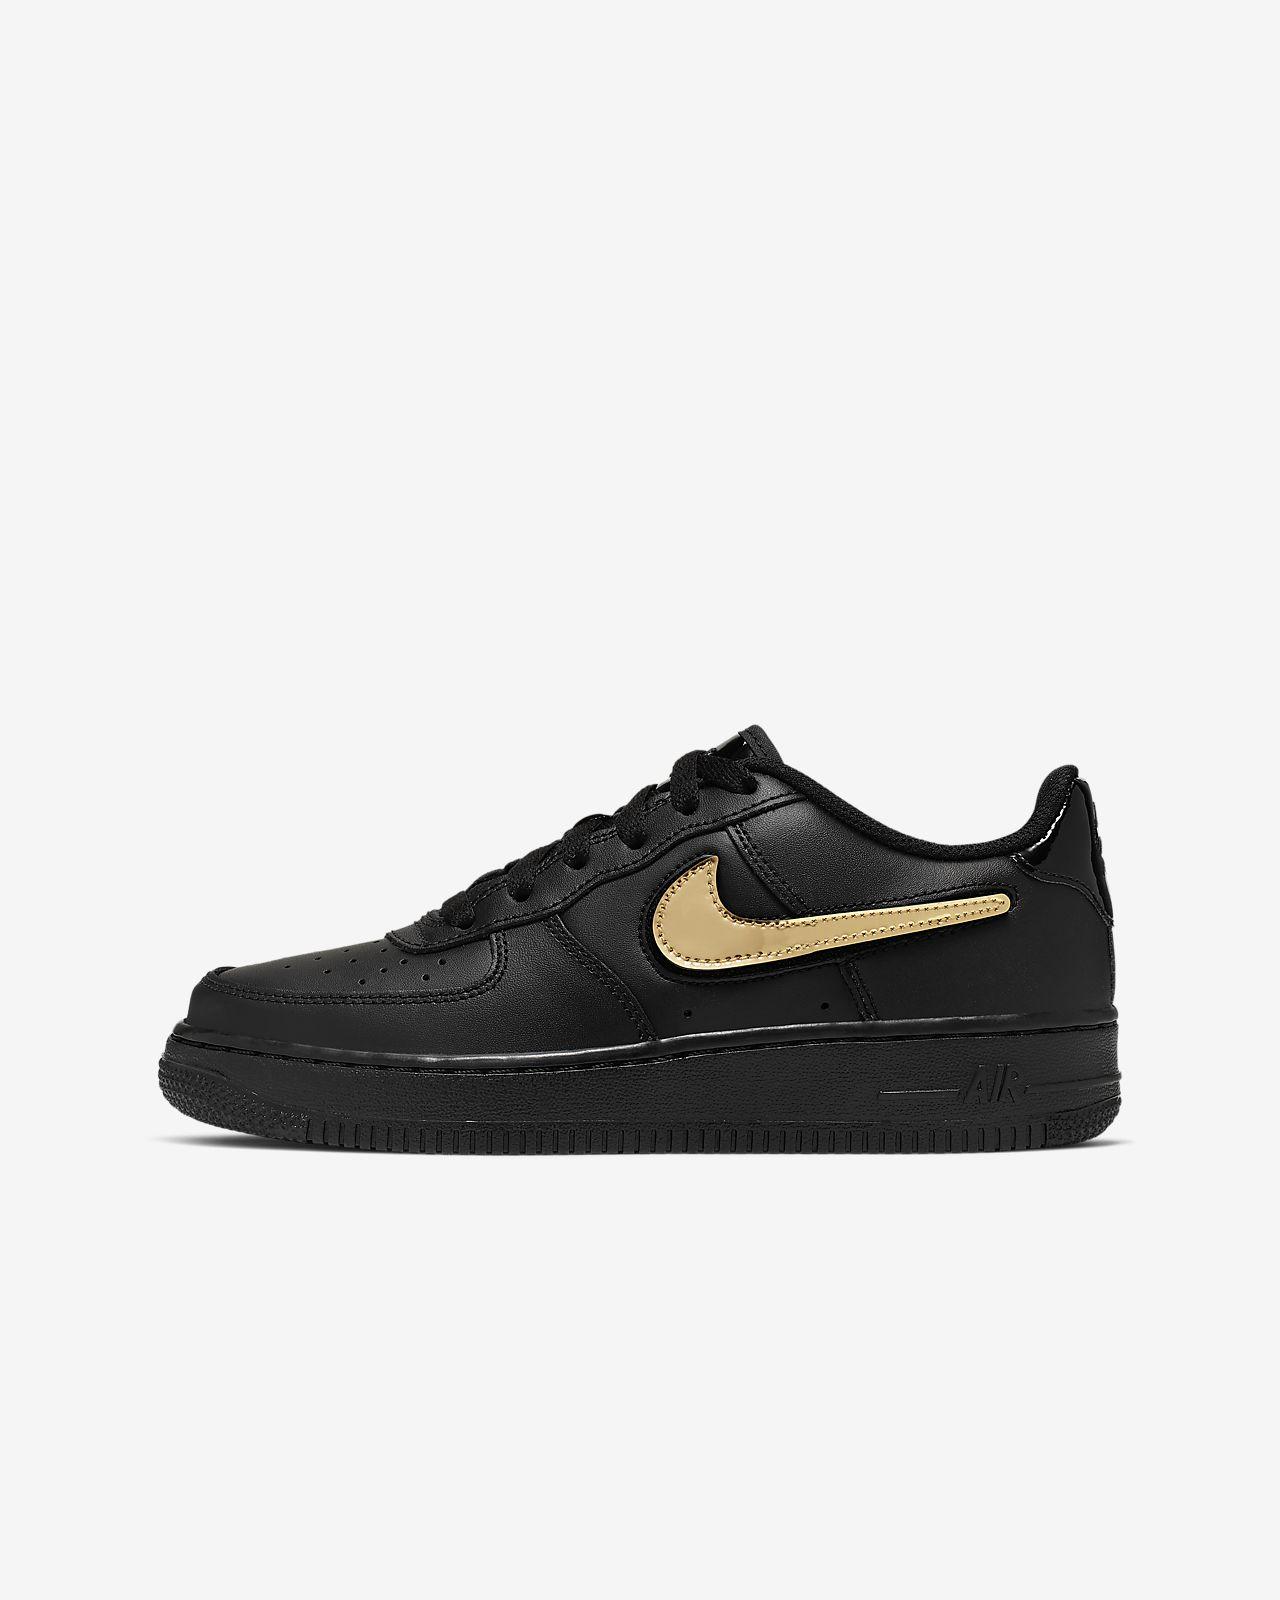 Bota Nike Air Force 1 LV8 3 pro větší děti